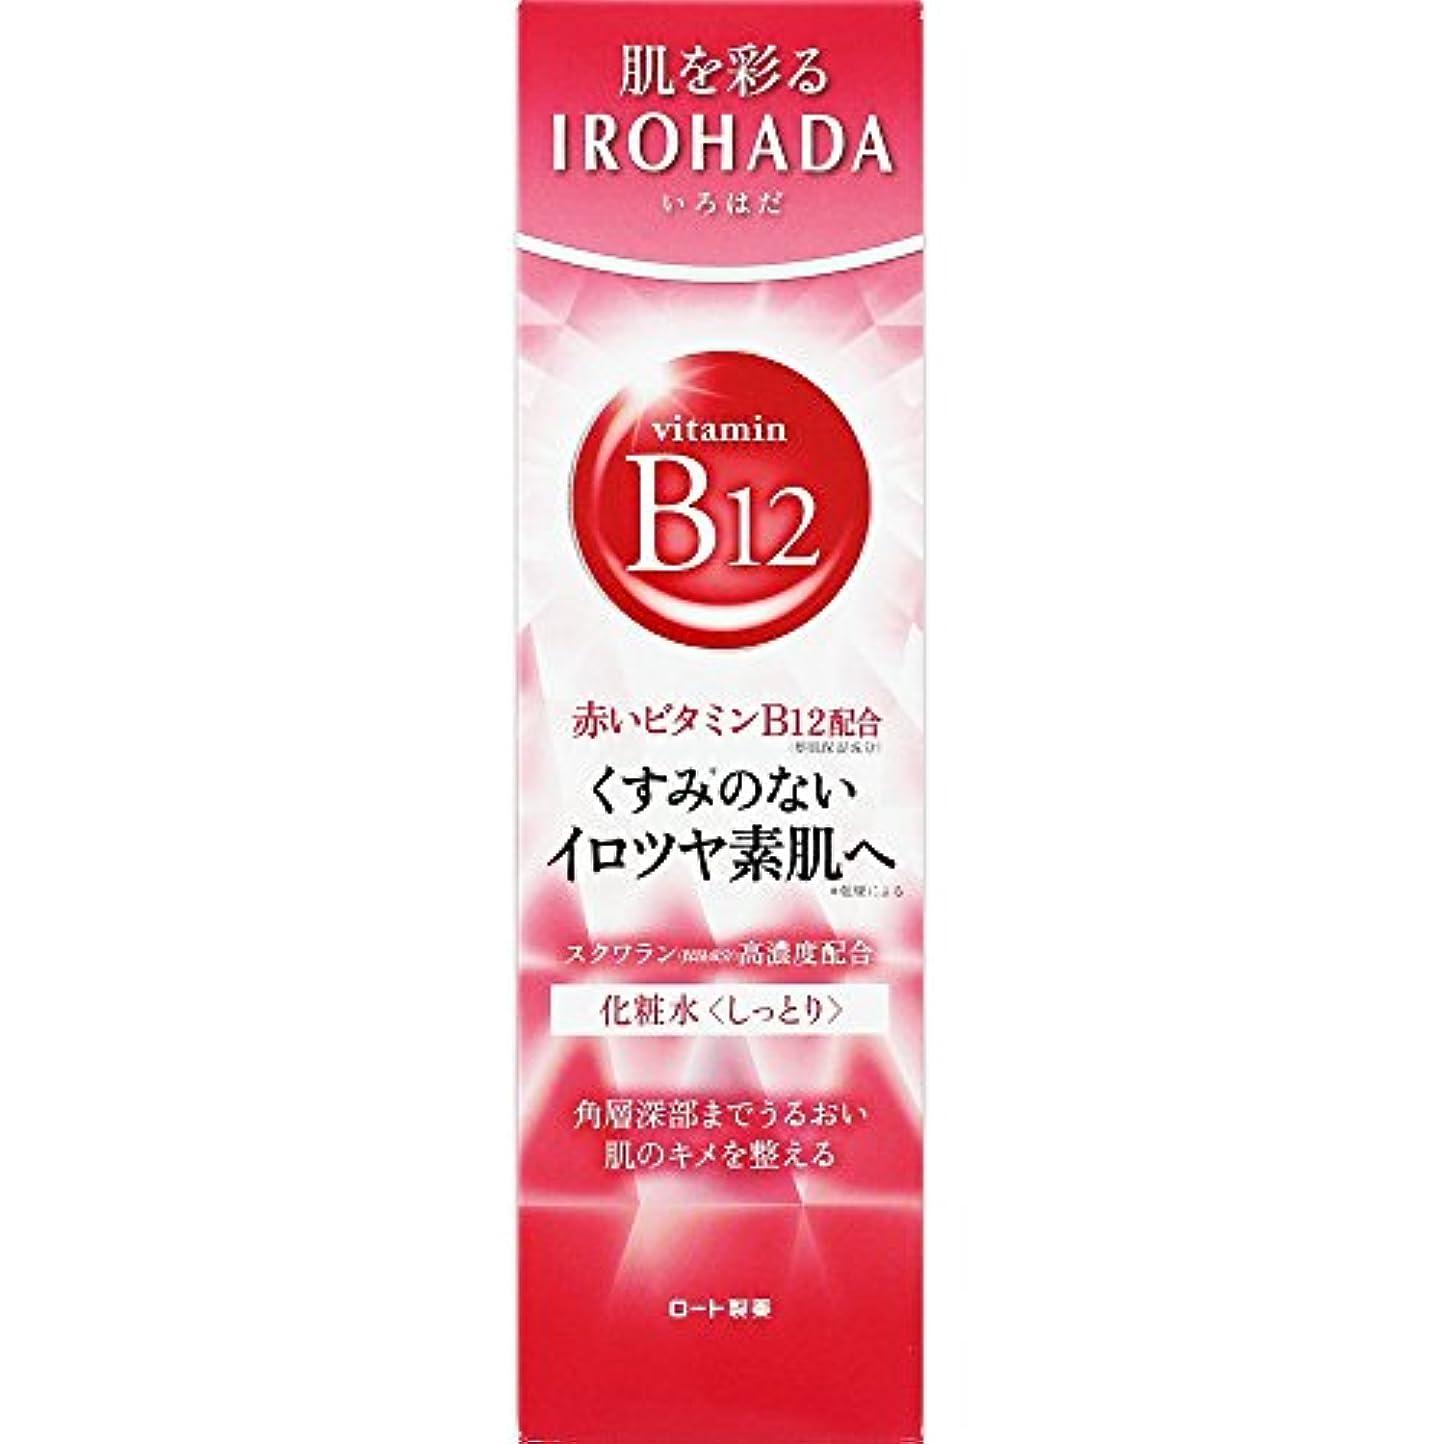 研究所心理的に四ロート製薬 いろはだ (IROHADA) 赤いビタミンB12×スクワラン配合 化粧水しっとり 160ml